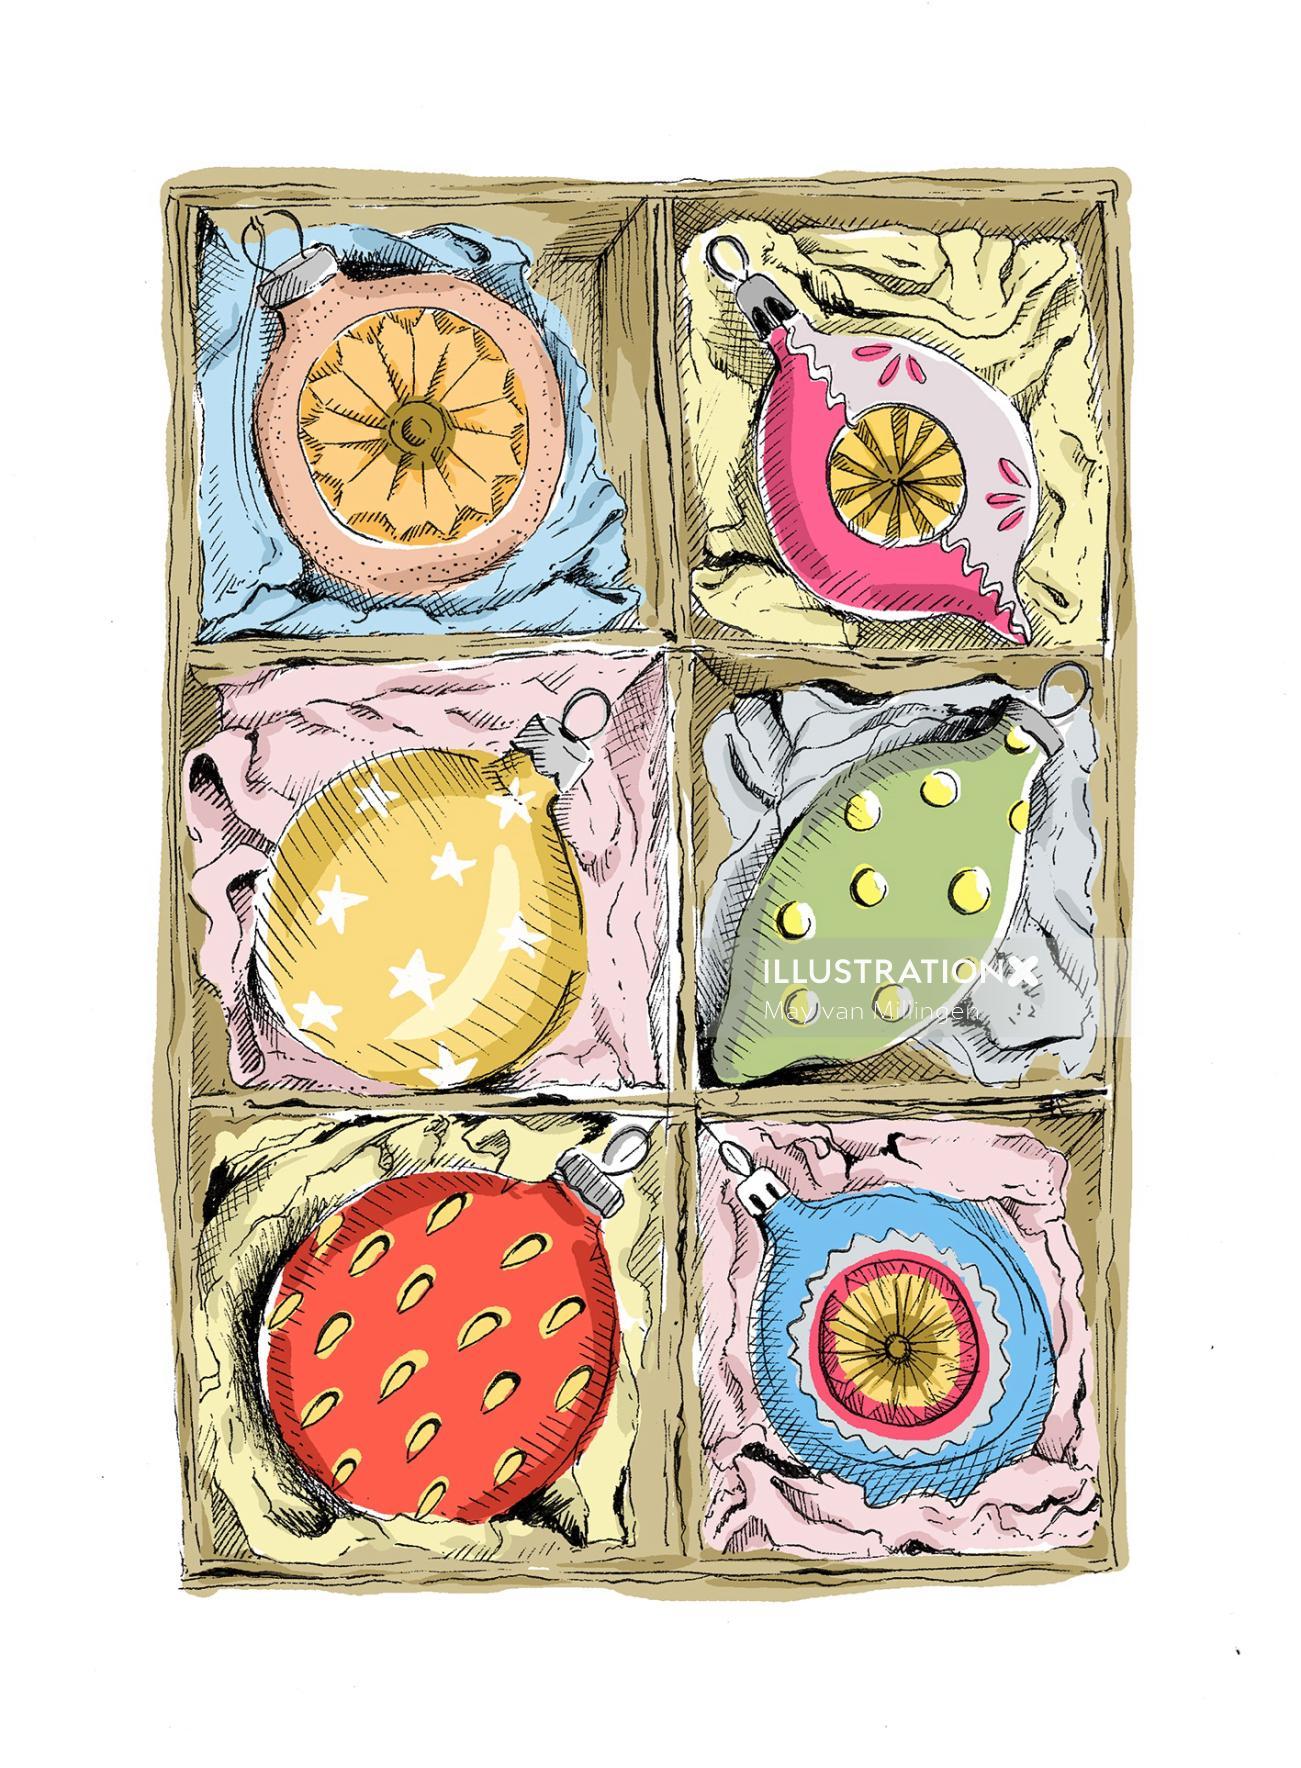 Vintage illustration of baubles in box